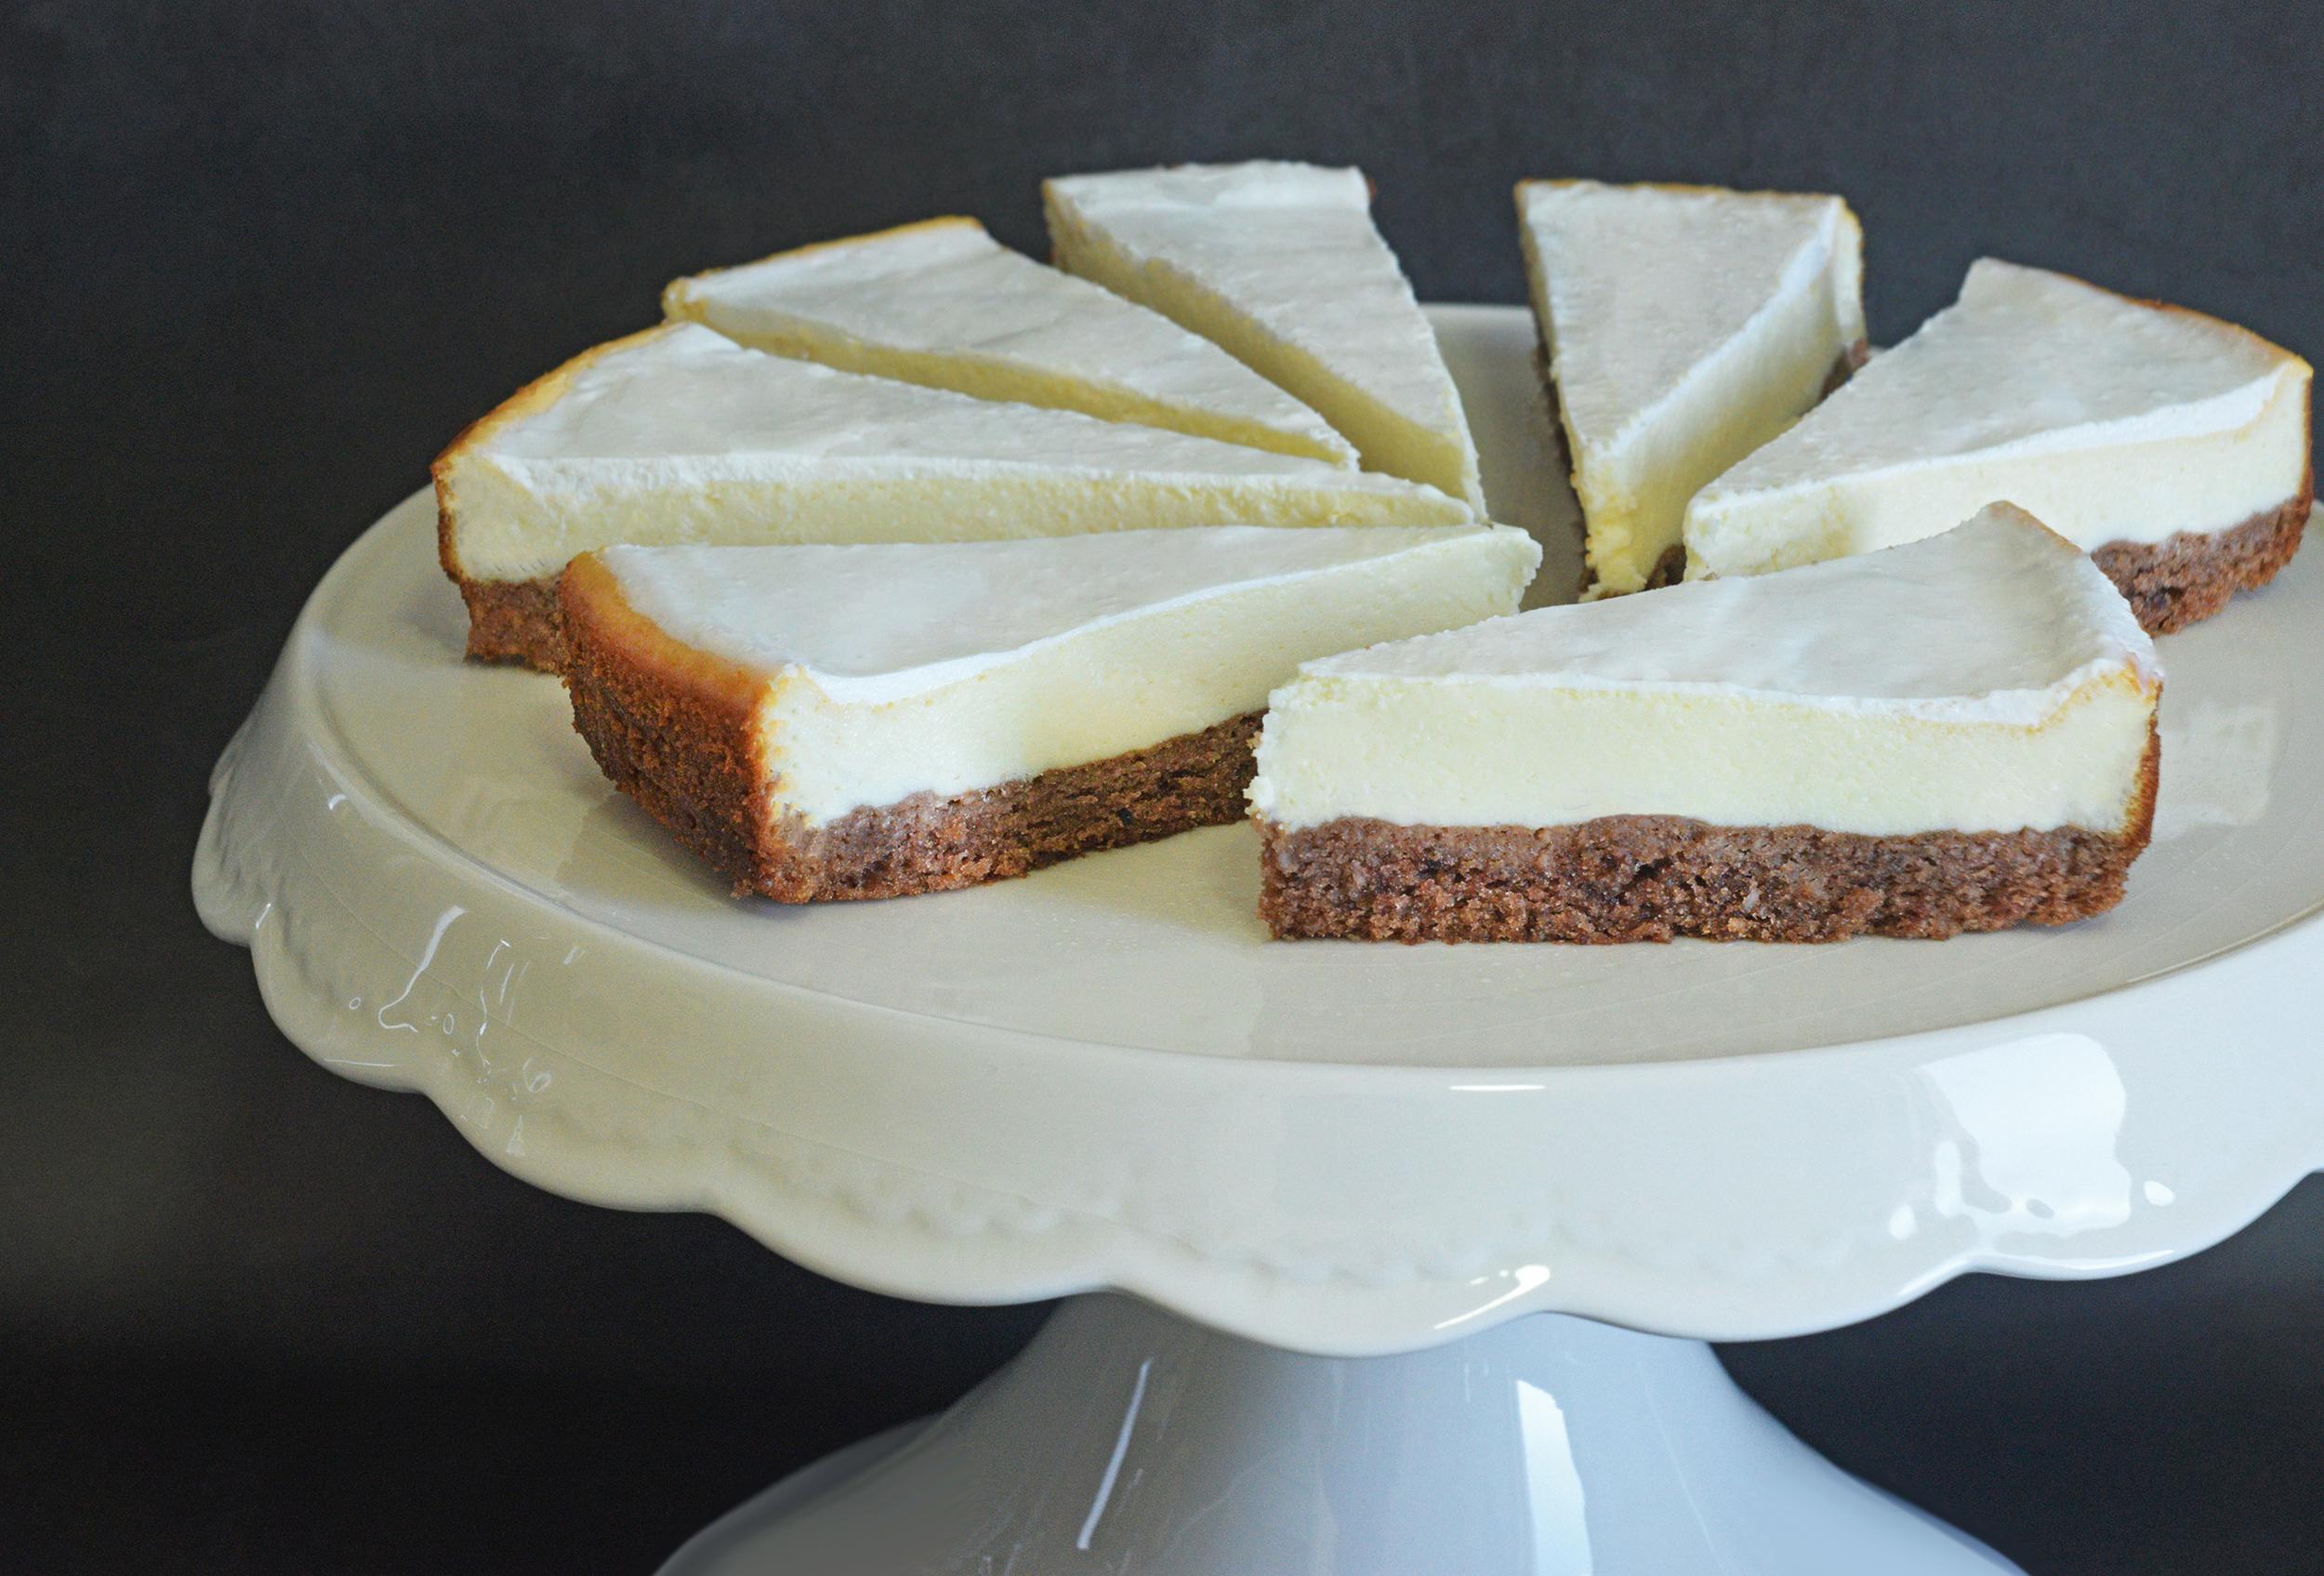 עוגת גבינה אפויה עם תחתית קוקוס ושוקולד | צילום: ספיר דהן